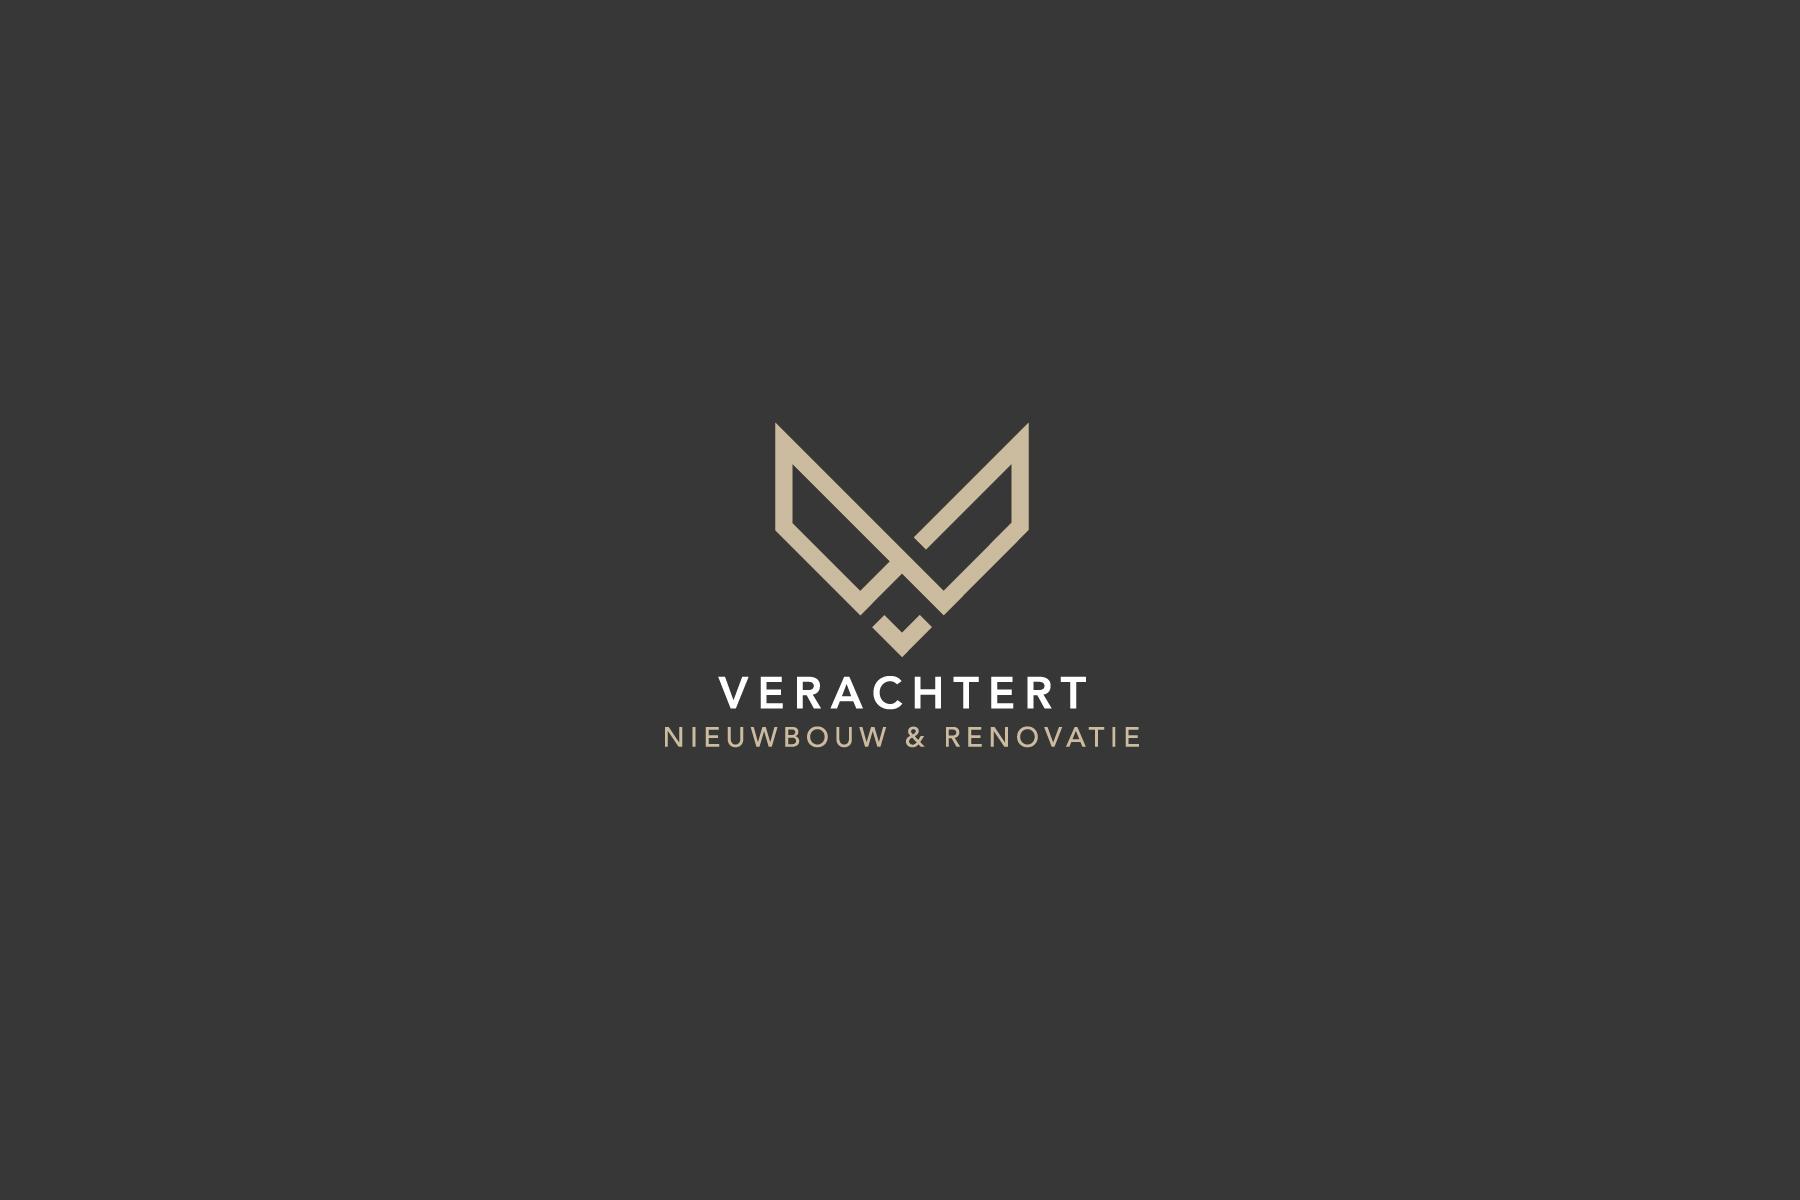 verachtert-nieuwbouw-renovatie-logo